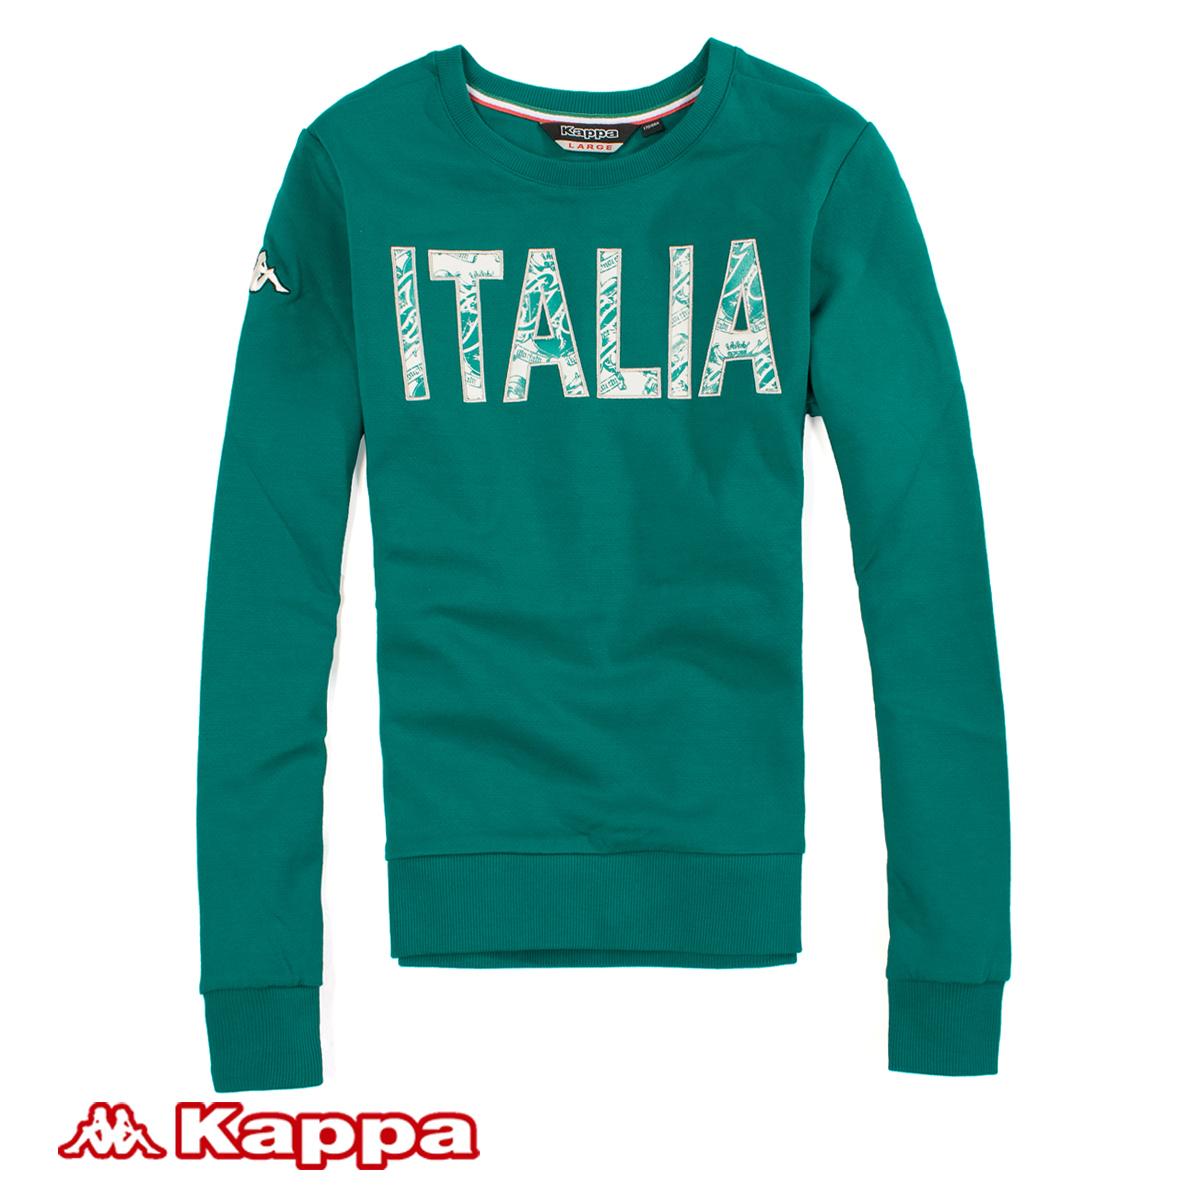 Спортивная толстовка Kappa k2093wt136/356 .. K2093WT136-356 Женские Пуловер 100 Спорт и отдых Сохранение тепла